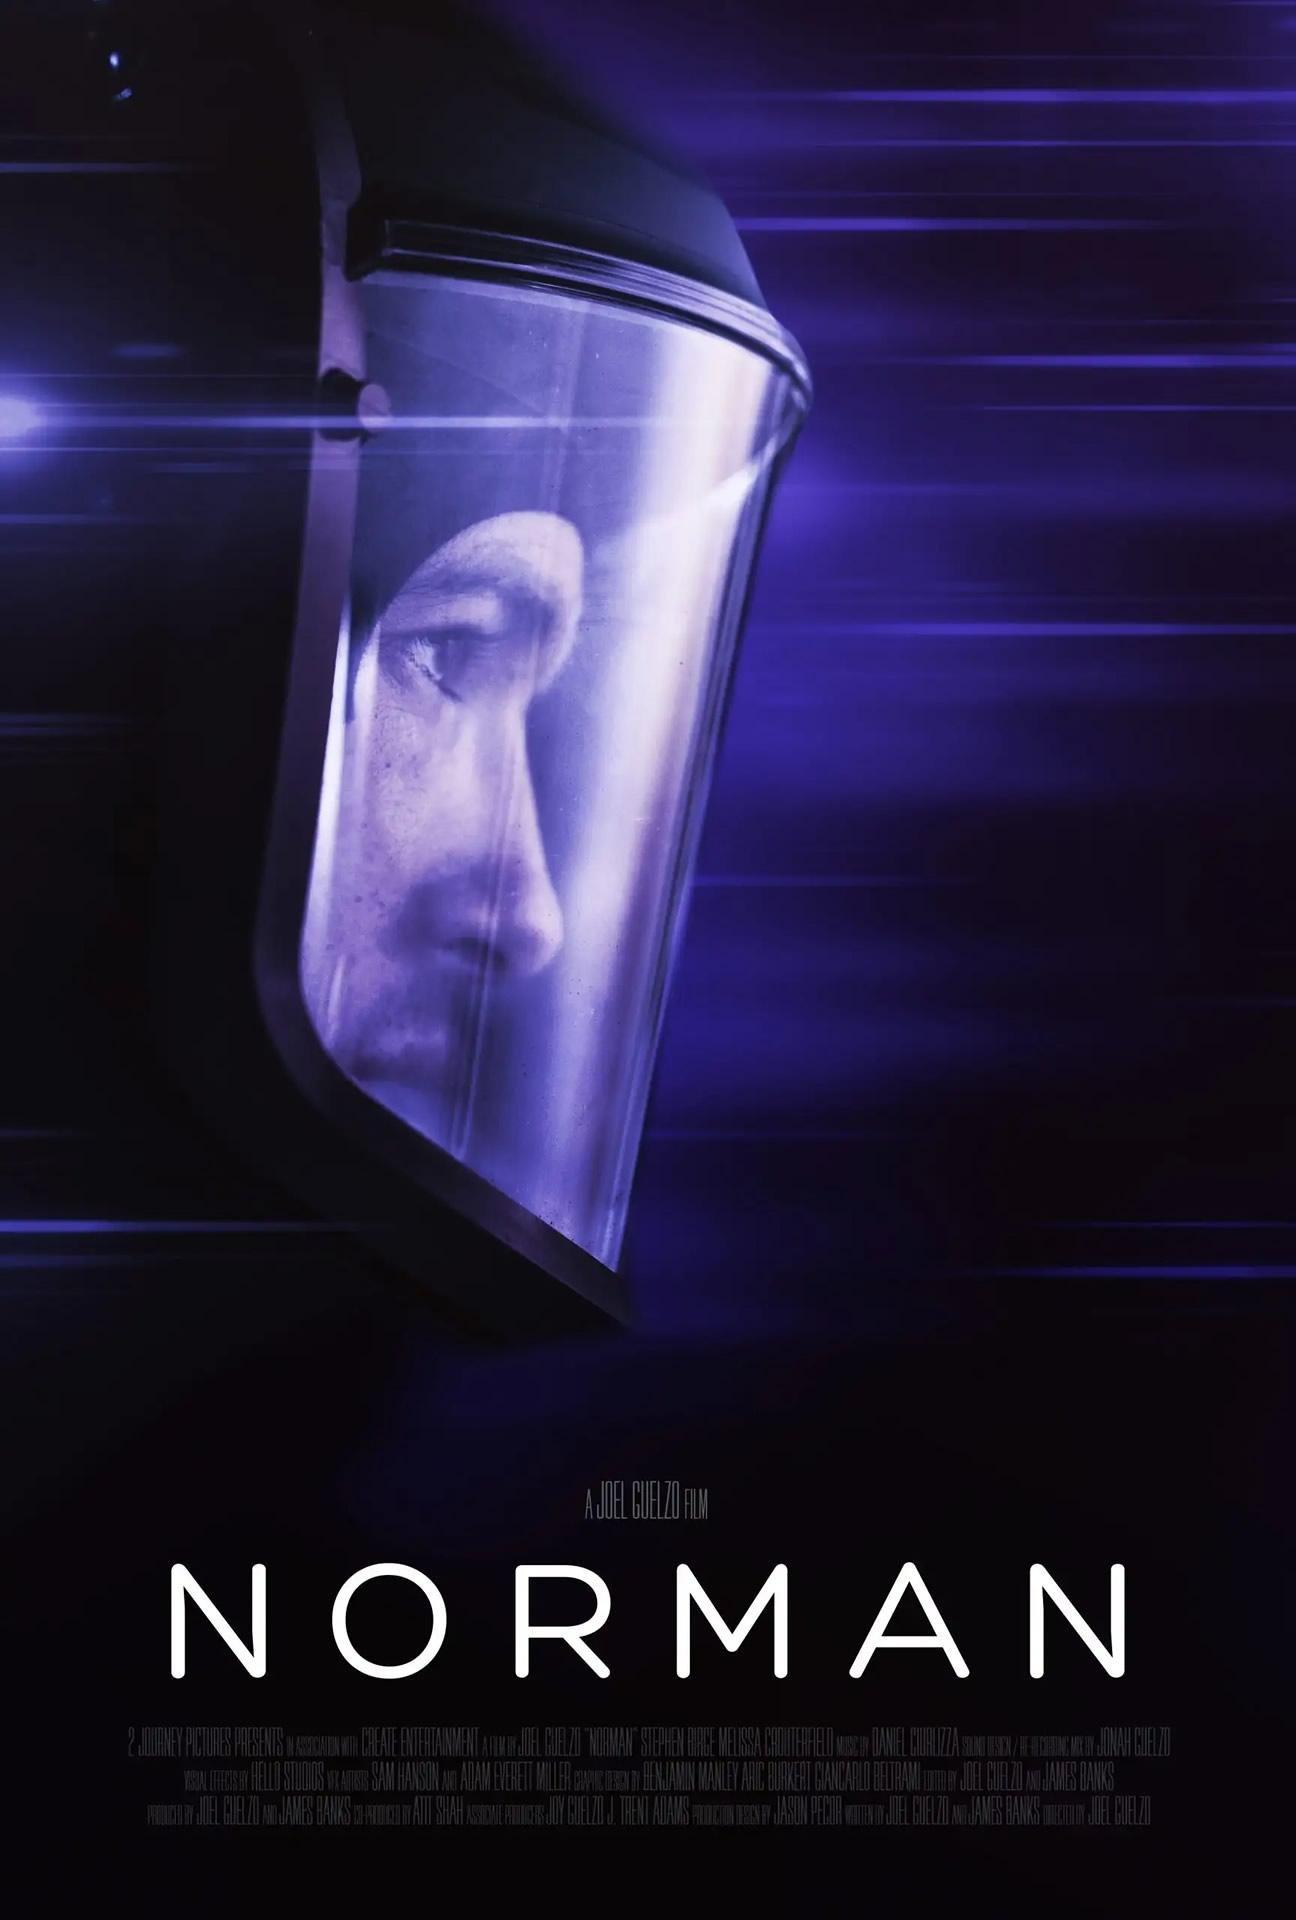 norman filme de ficcao cientifica de joel guelzo sobre viagem no tempo - NORMAN | Filme de ficção científica de Joel Guelzo sobre viagem no tempo